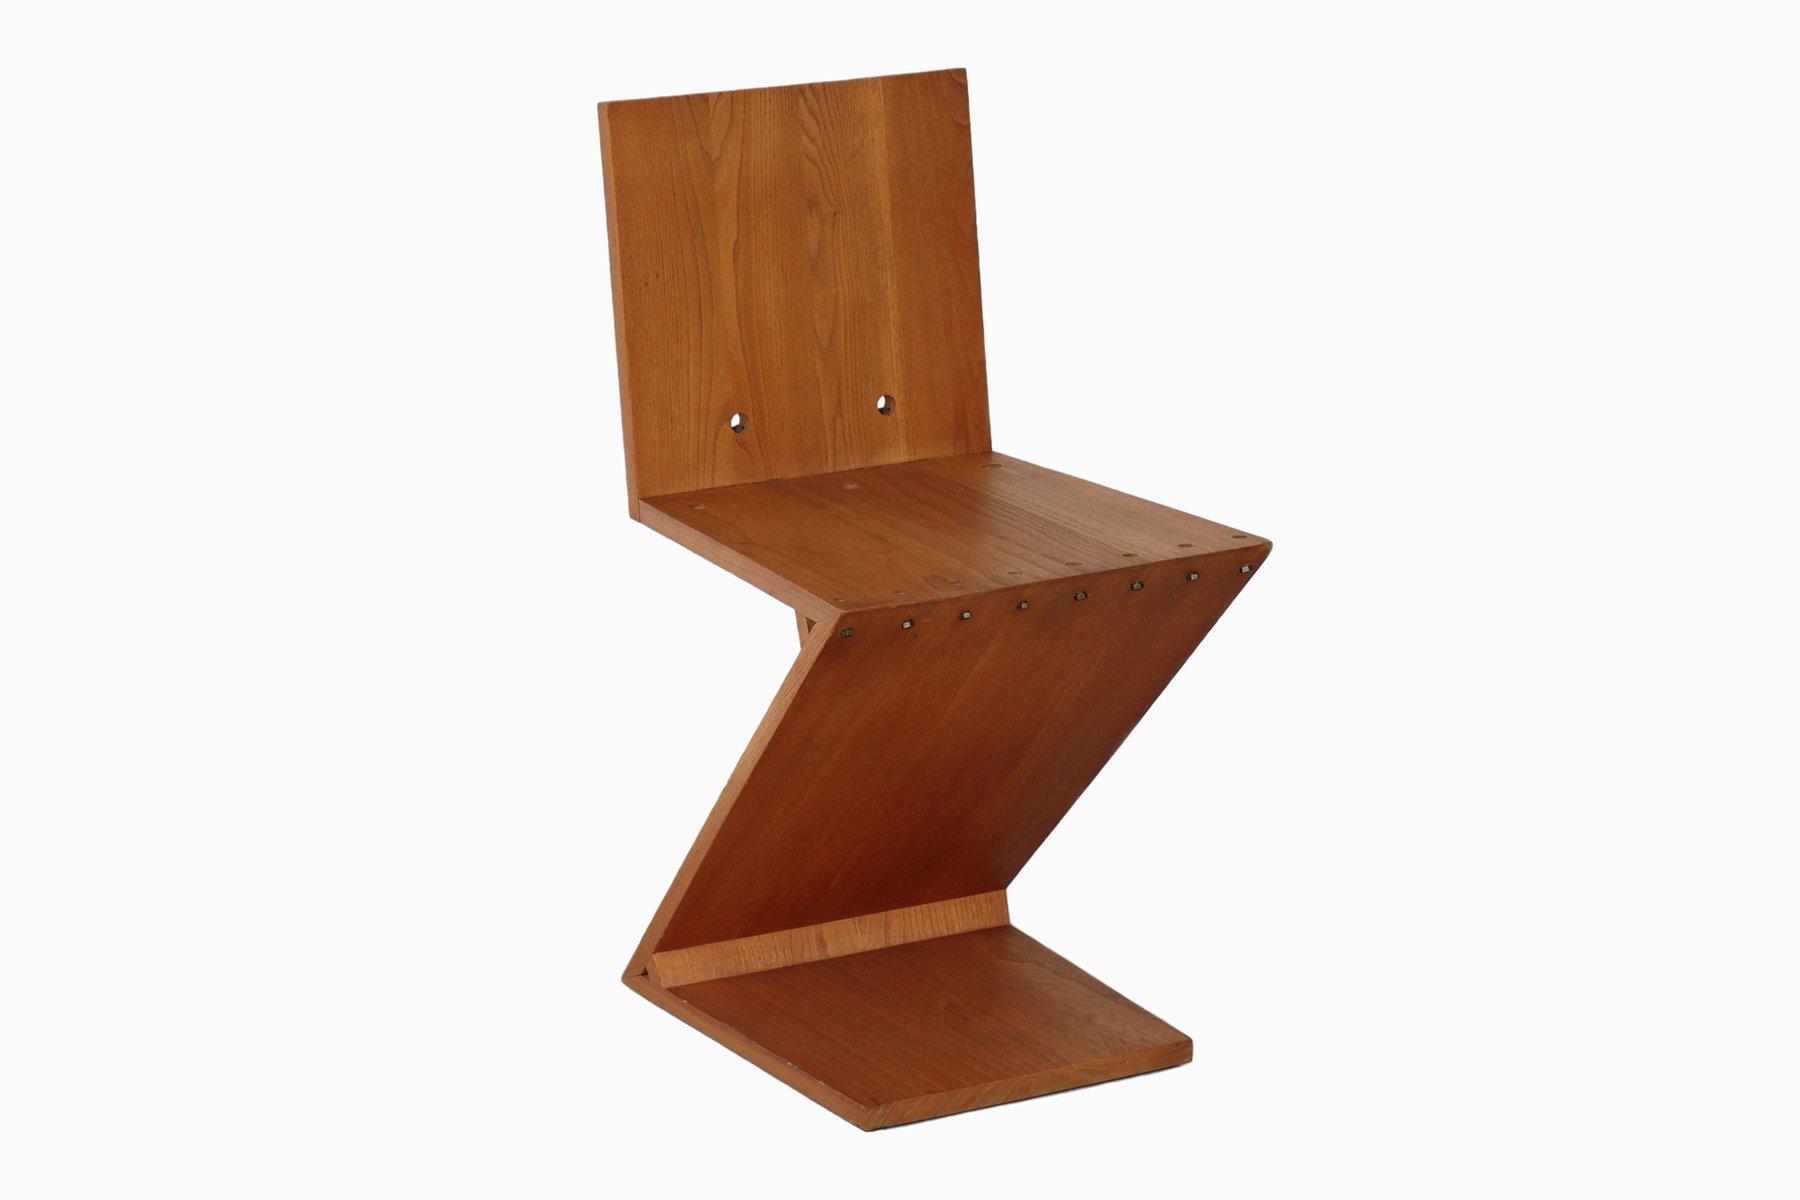 chaise zig zag par gerrit rietveld en vente sur pamono. Black Bedroom Furniture Sets. Home Design Ideas